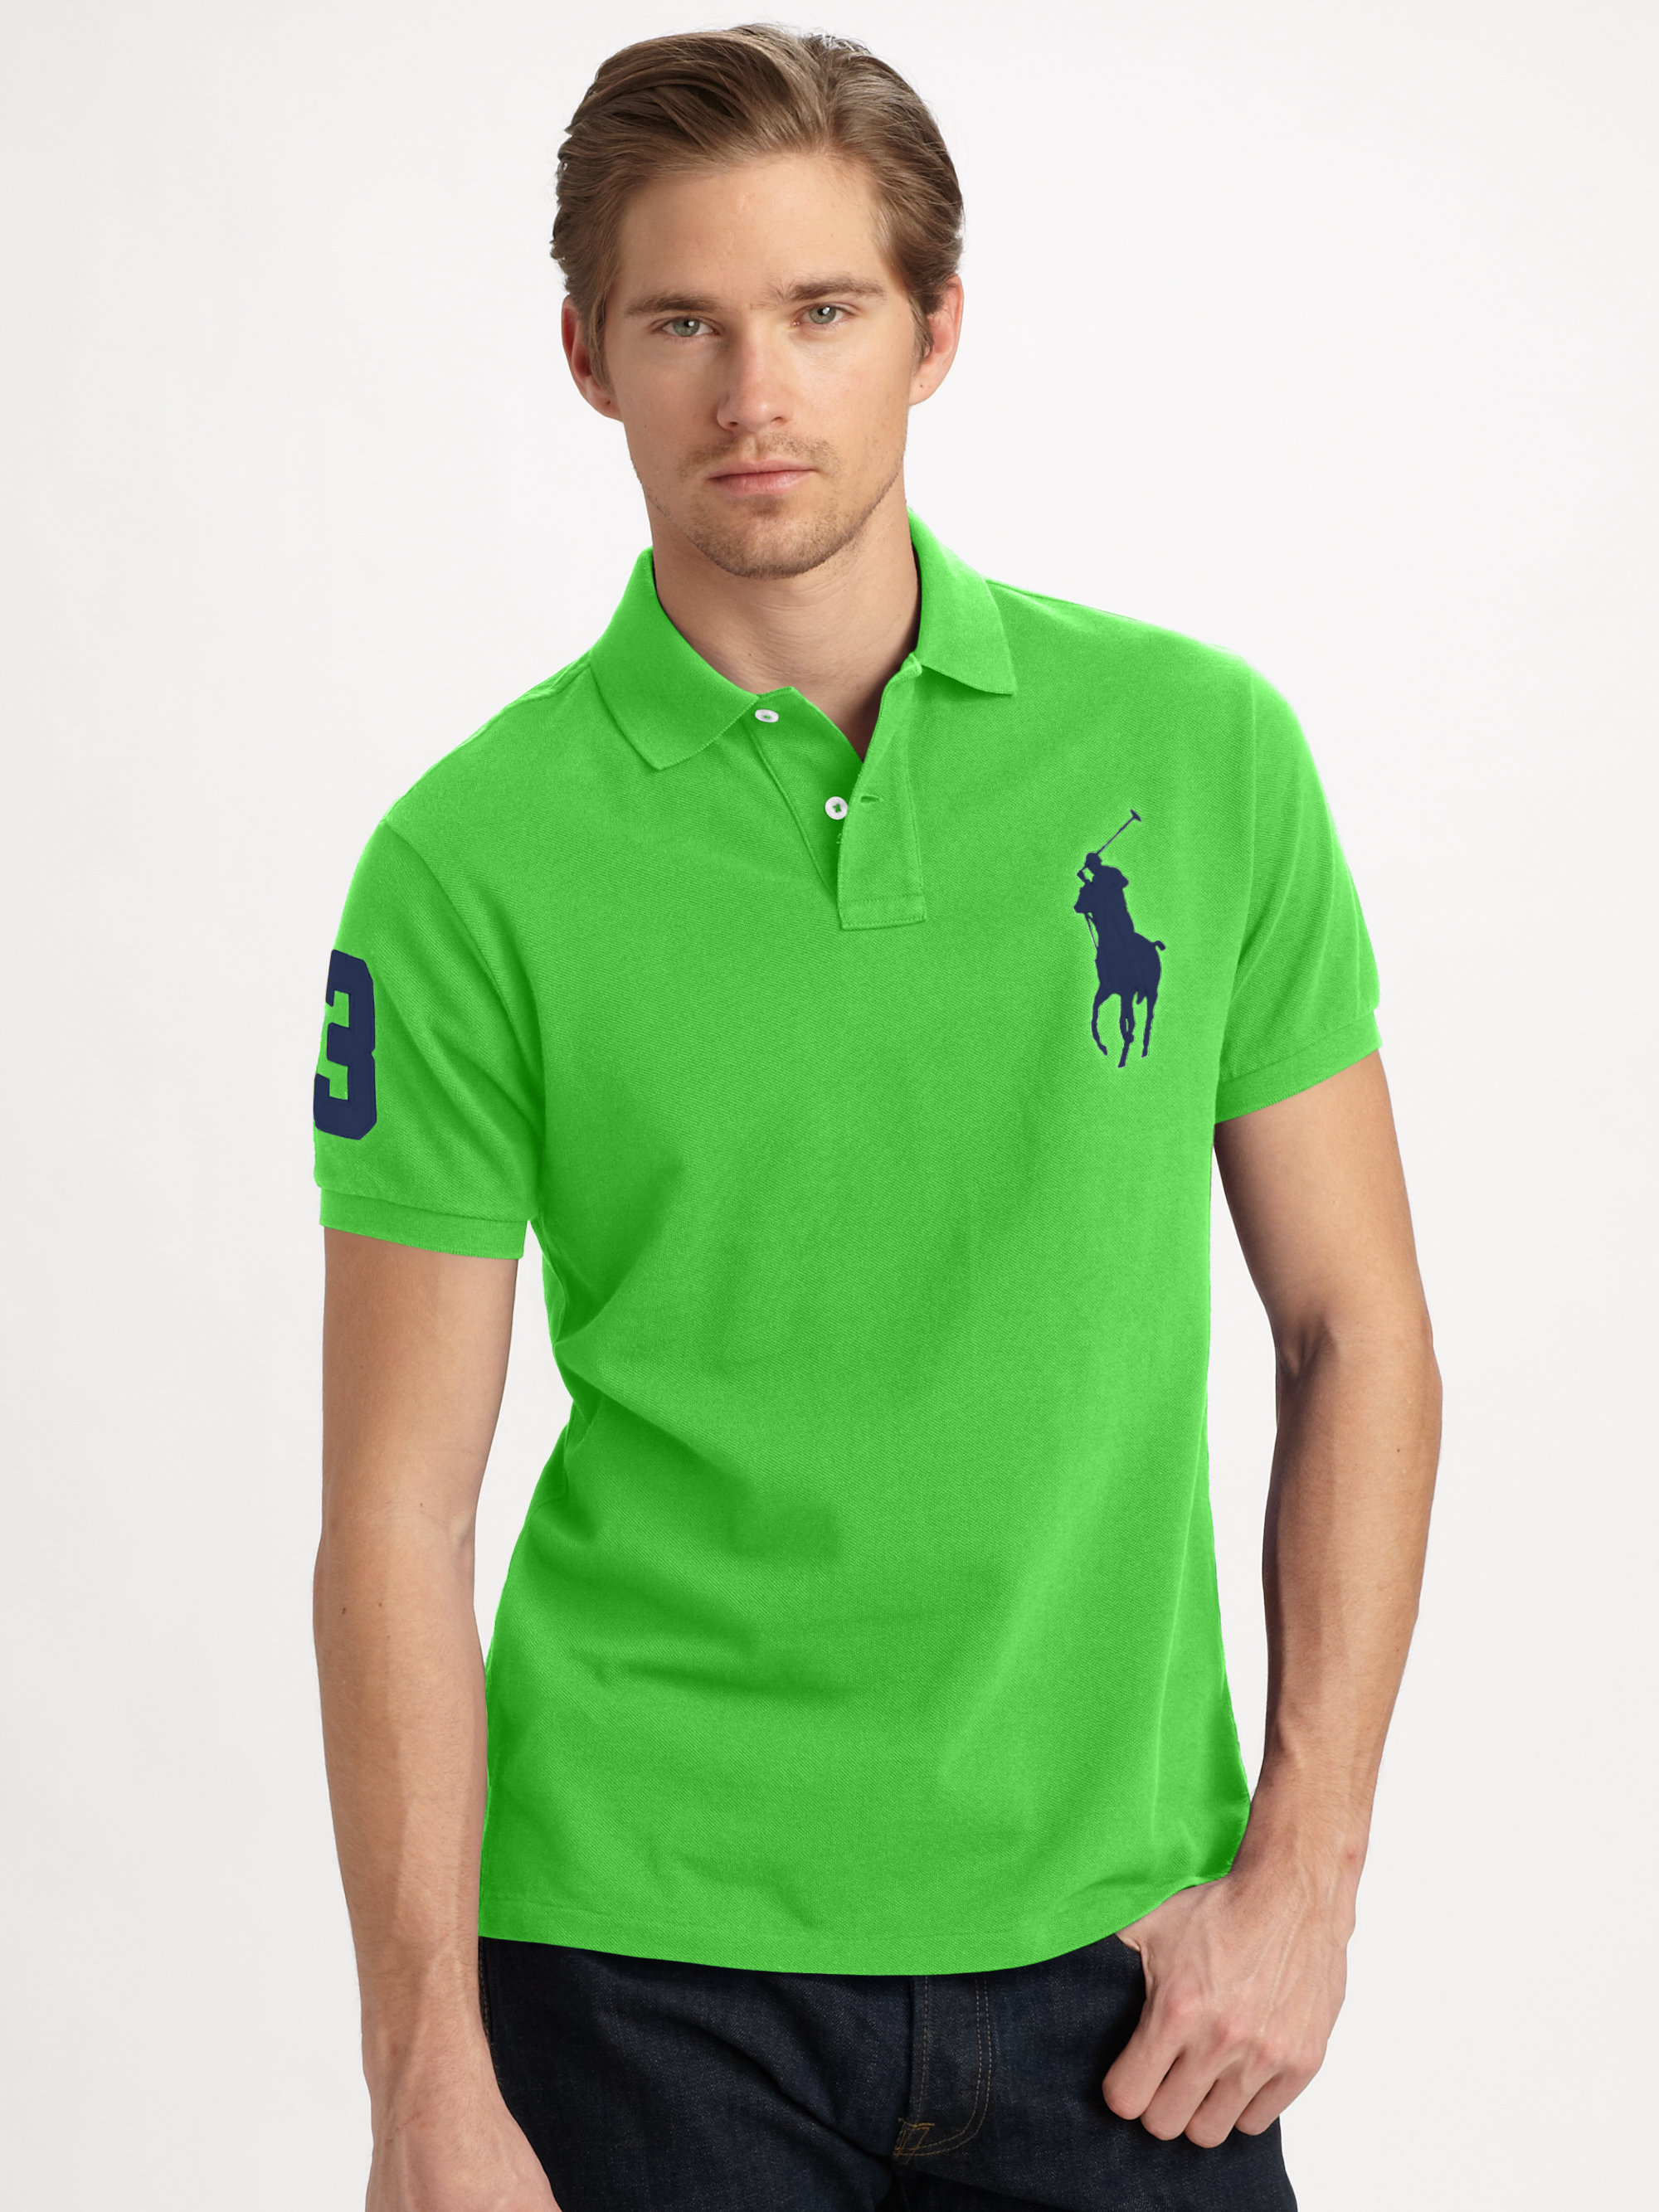 Ralph lauren polo hoodies for men